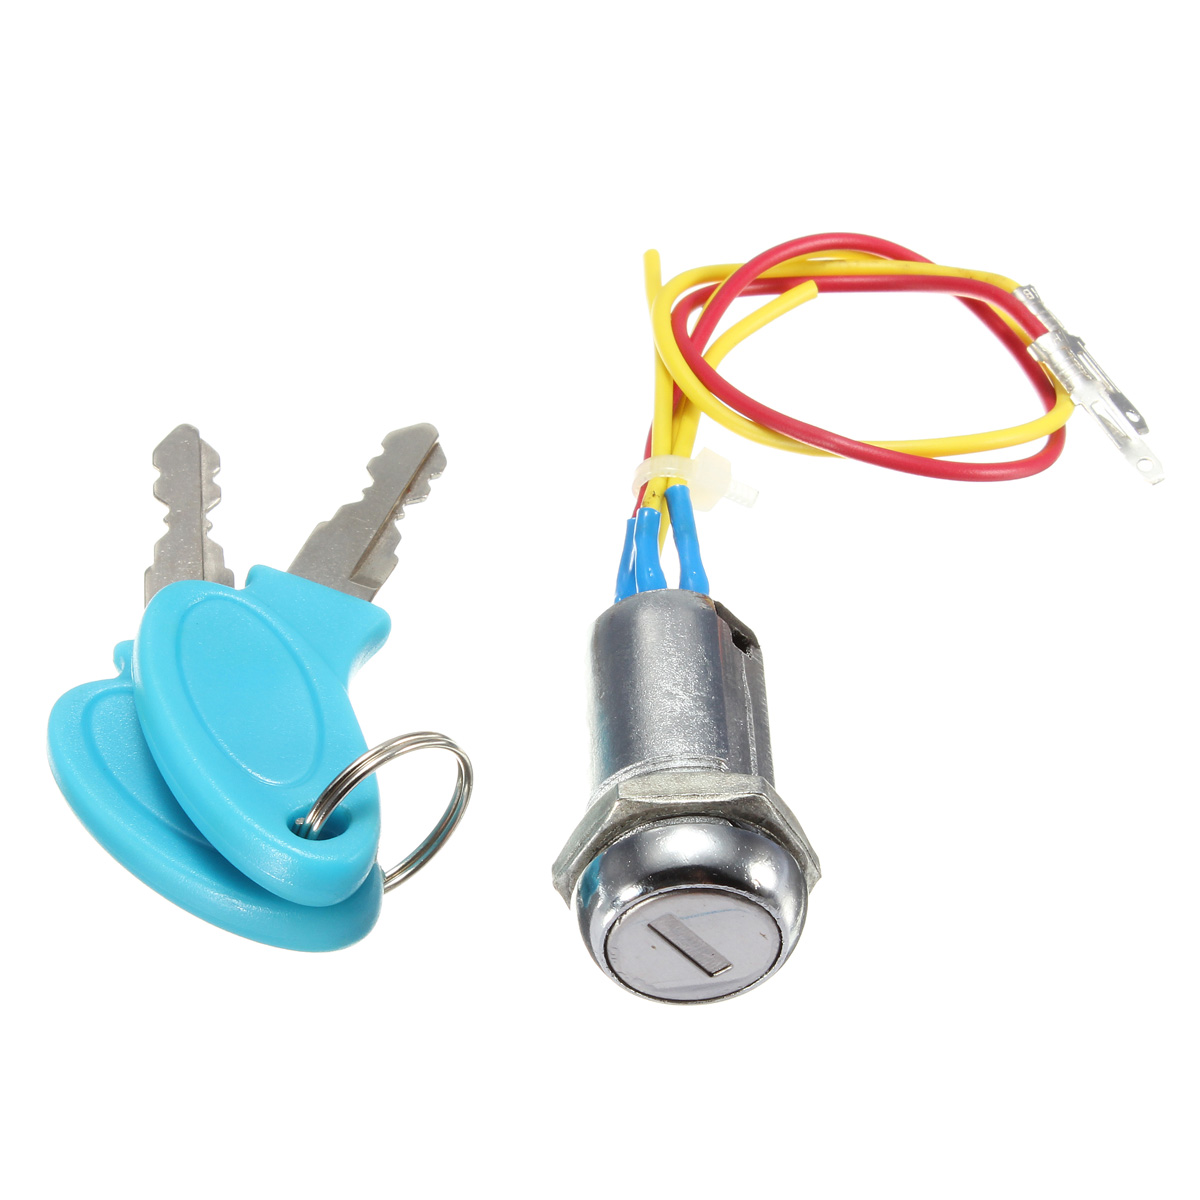 2 Wire Keys Ignition Key Switch Lock Go Kart Scooter Electric Bike Wiring Bikes Pocket 979951701284 Ebay